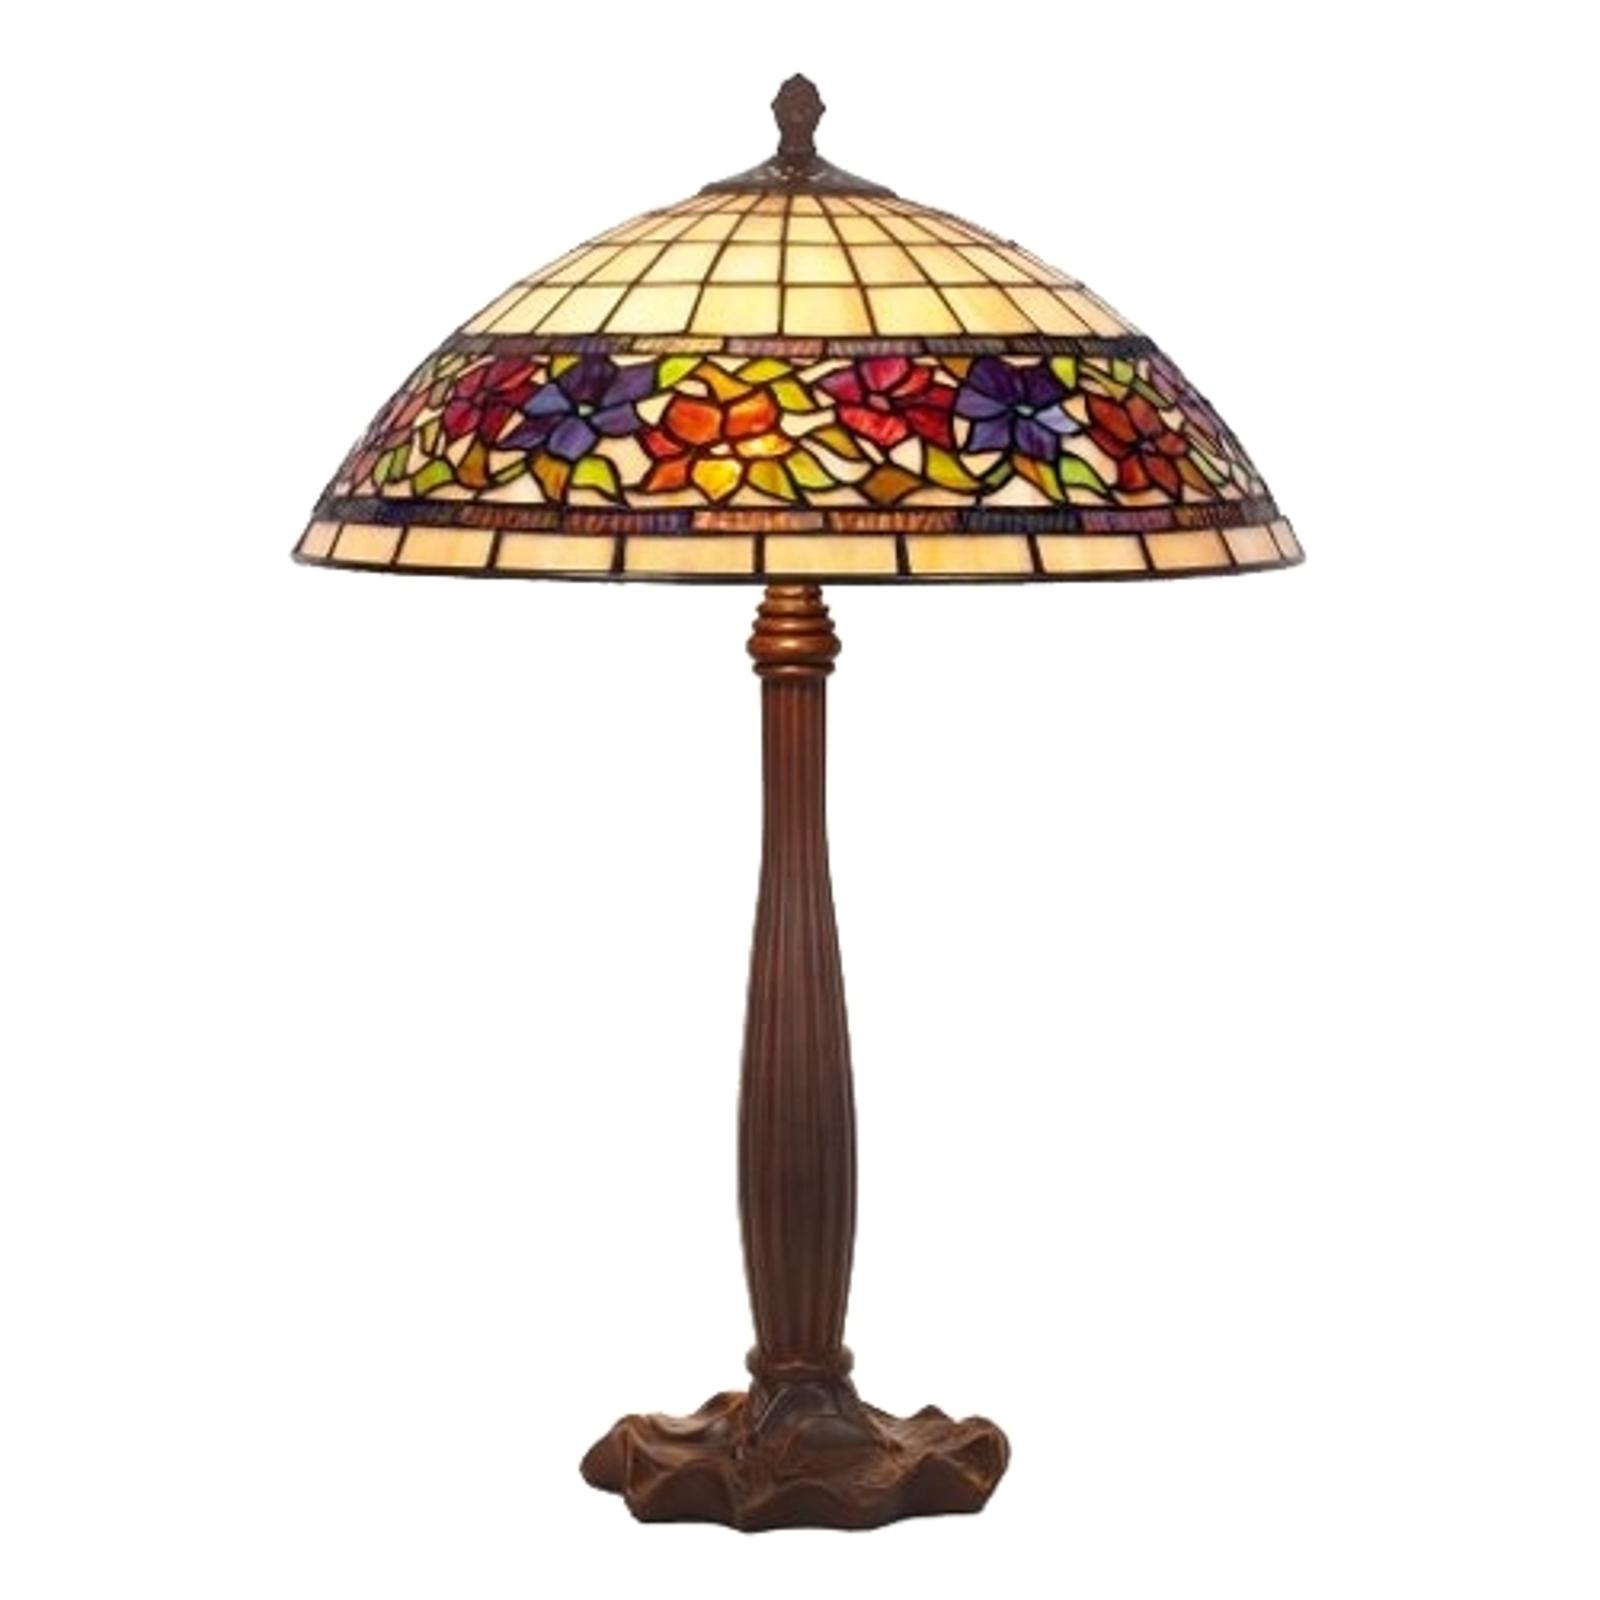 Stolná lampa Flora štýl Tiffany dole otvorená 64cm_1032125_1